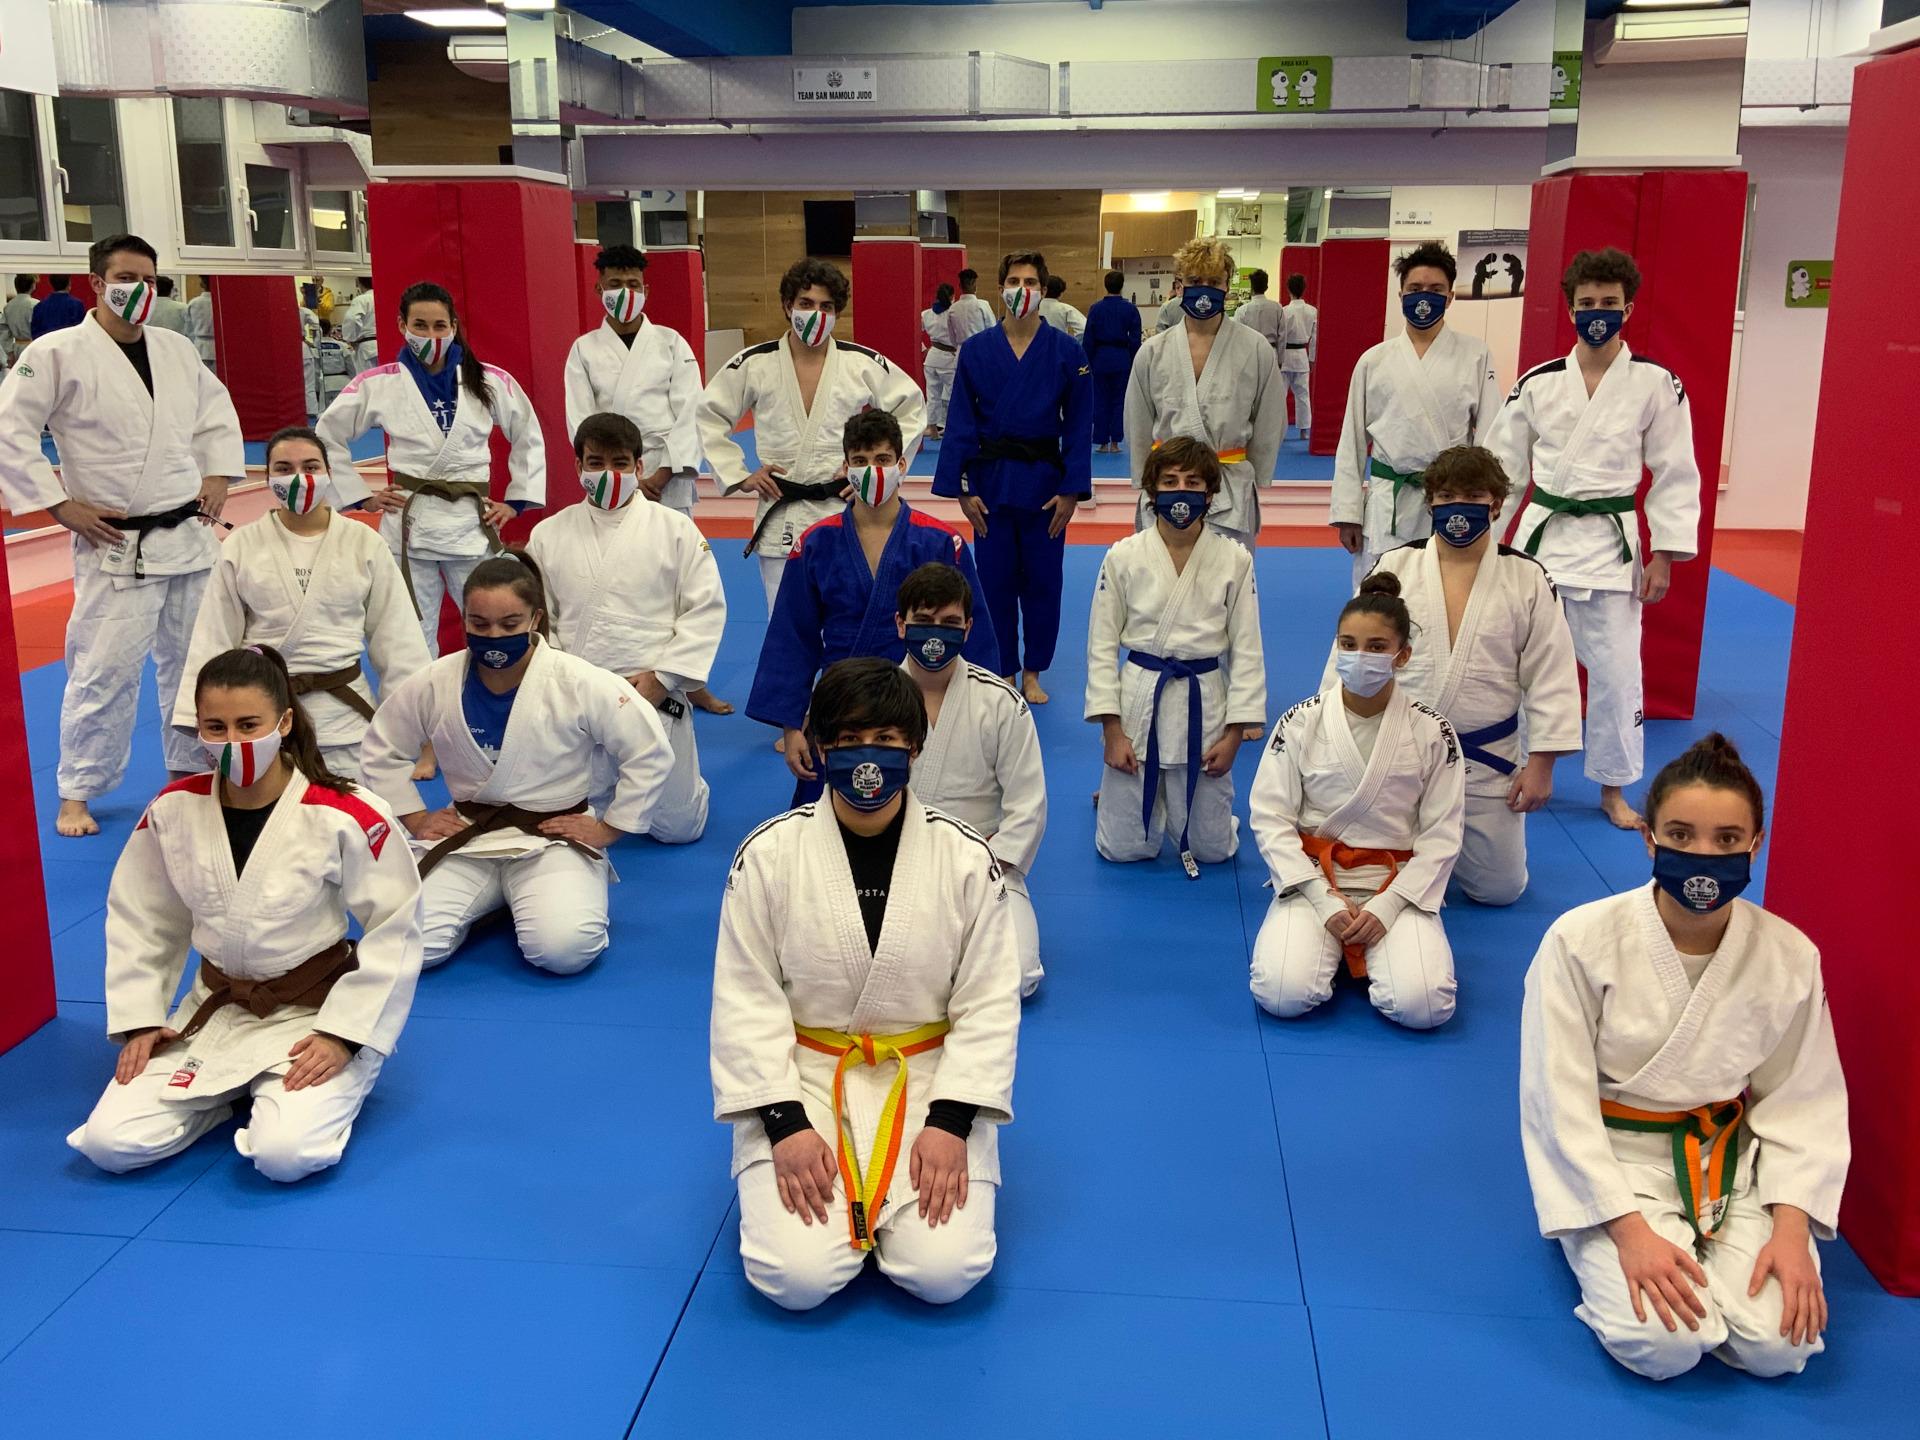 lezione tecnica judo crescere insieme con gianluca